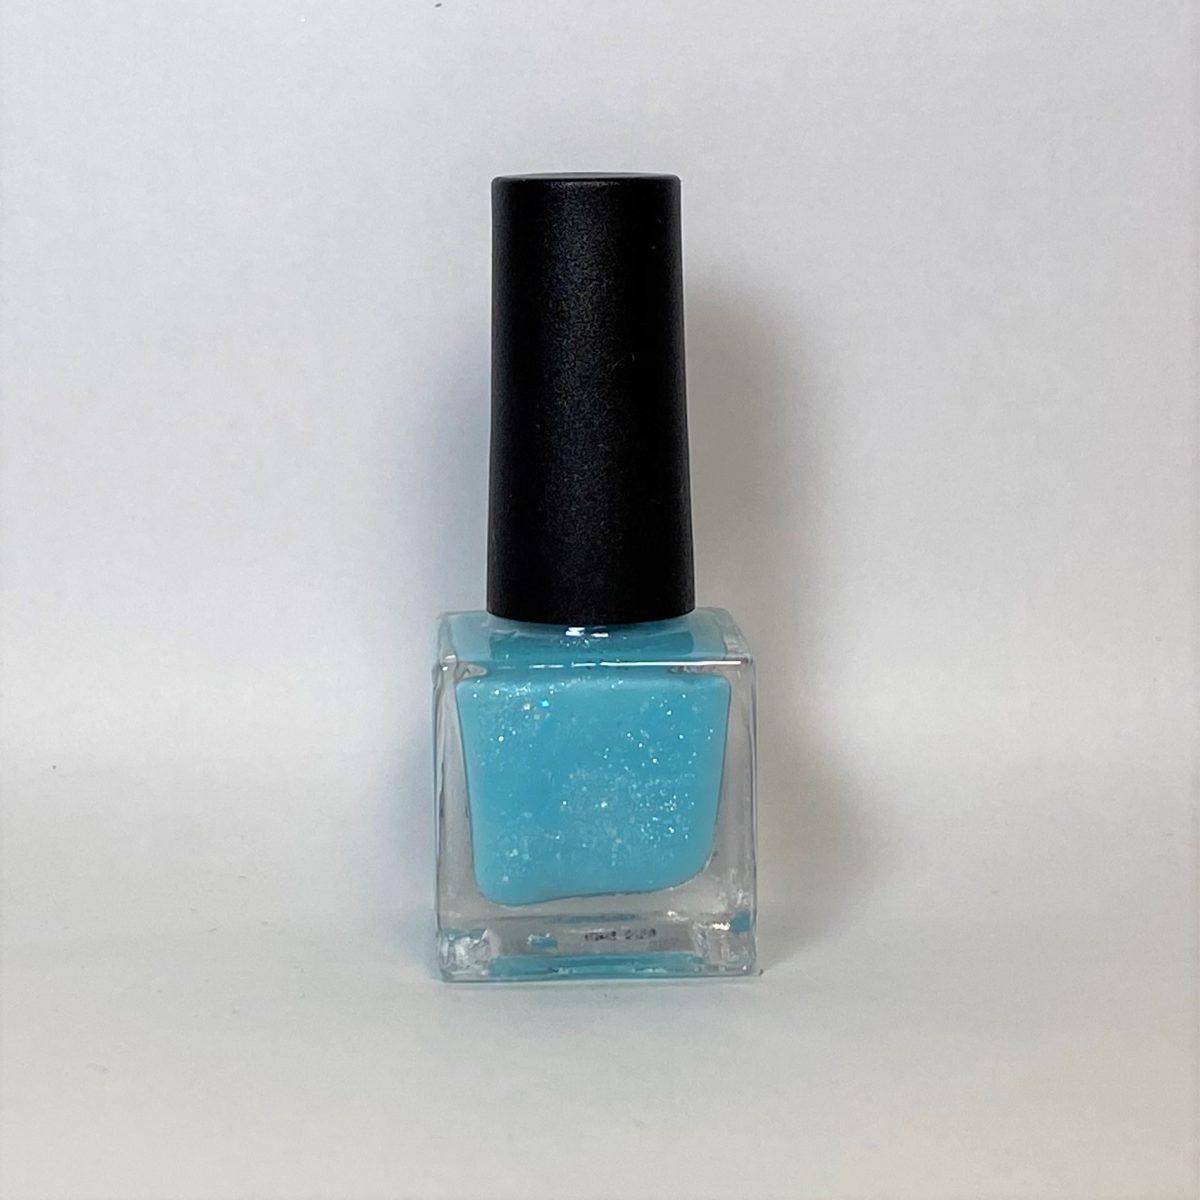 ネイルポリッシュ G19 Light Sky Blue